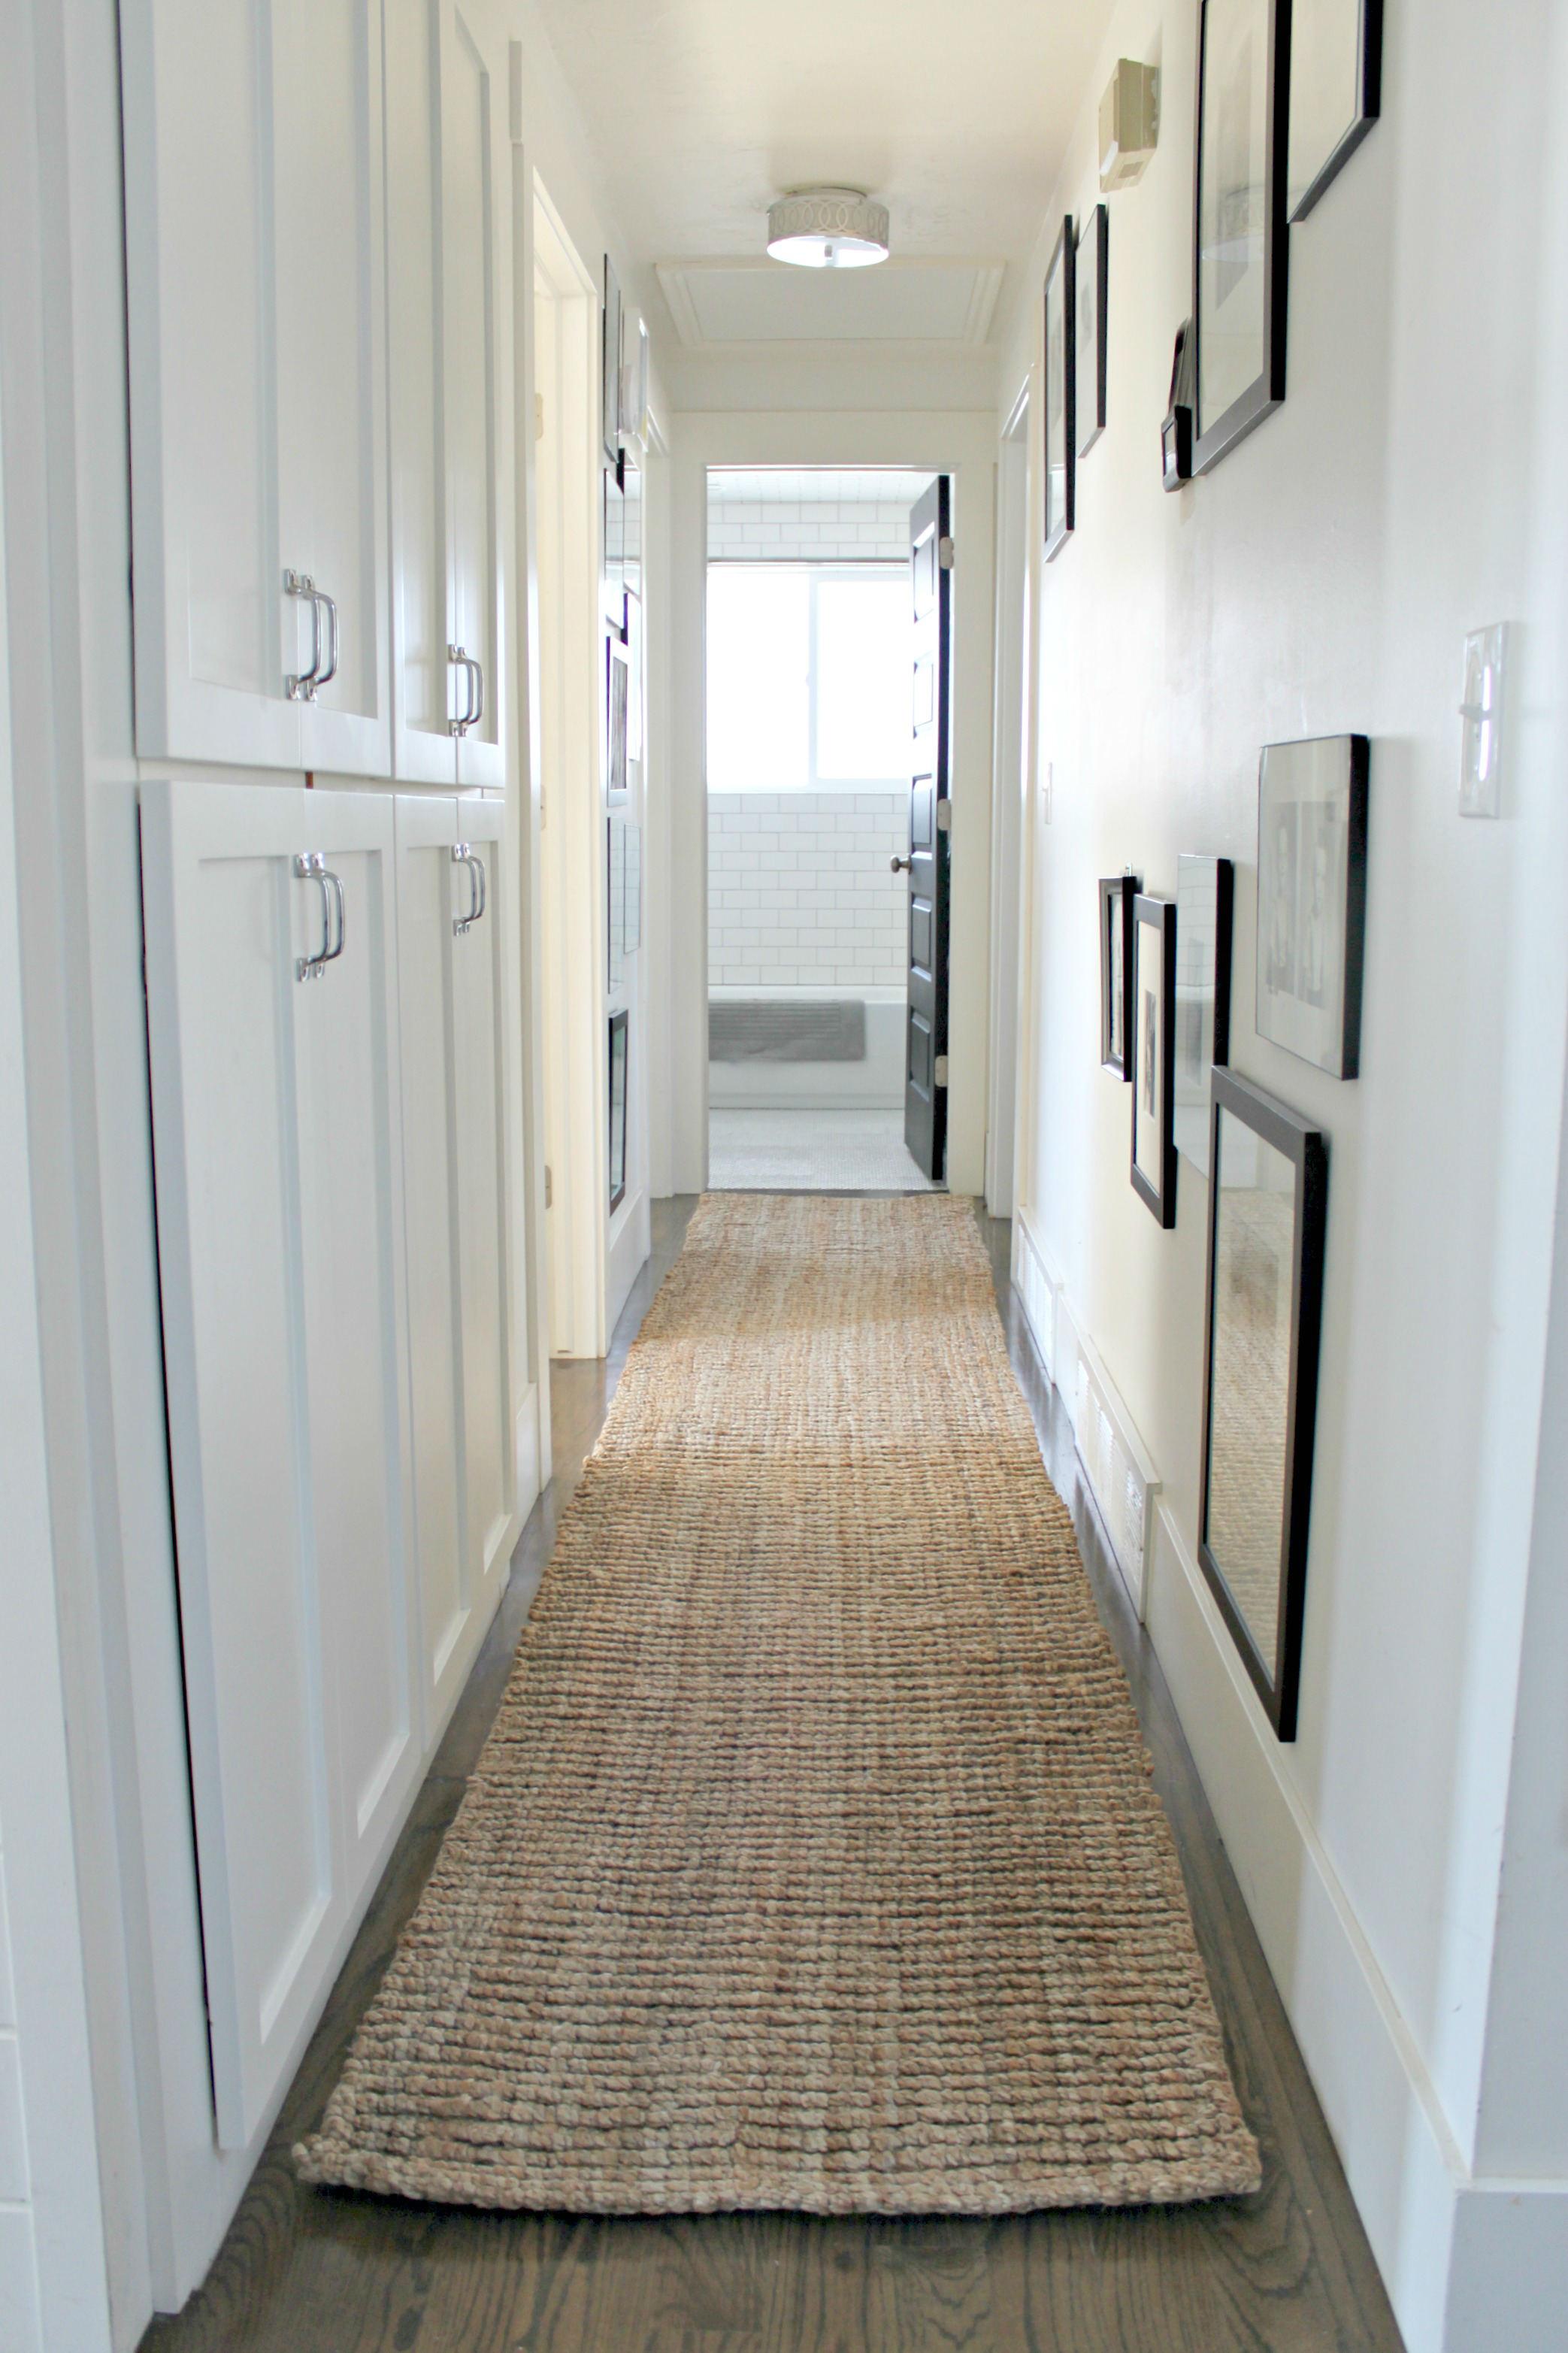 Tienda online alfombras ao consejos para decorar con - Alfombras pasillo ikea ...